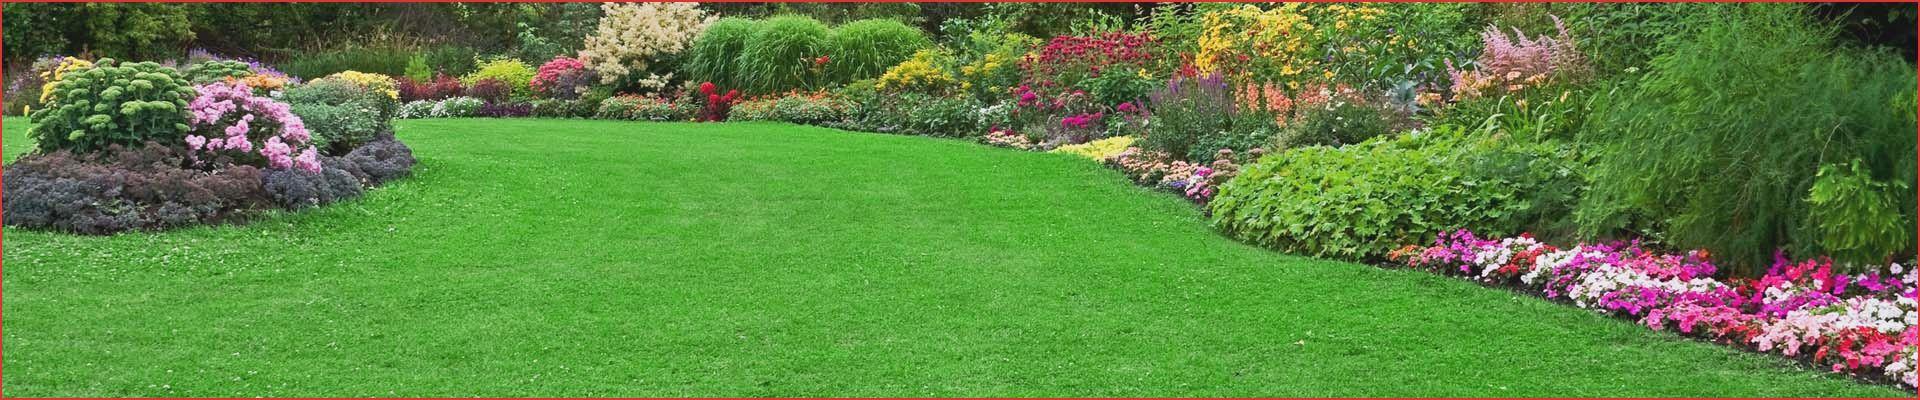 Garten Design 27 Das Beste Von Trampolin Fur Den Garten O66p My Favorite Outdoor Decor Outdoor Sports